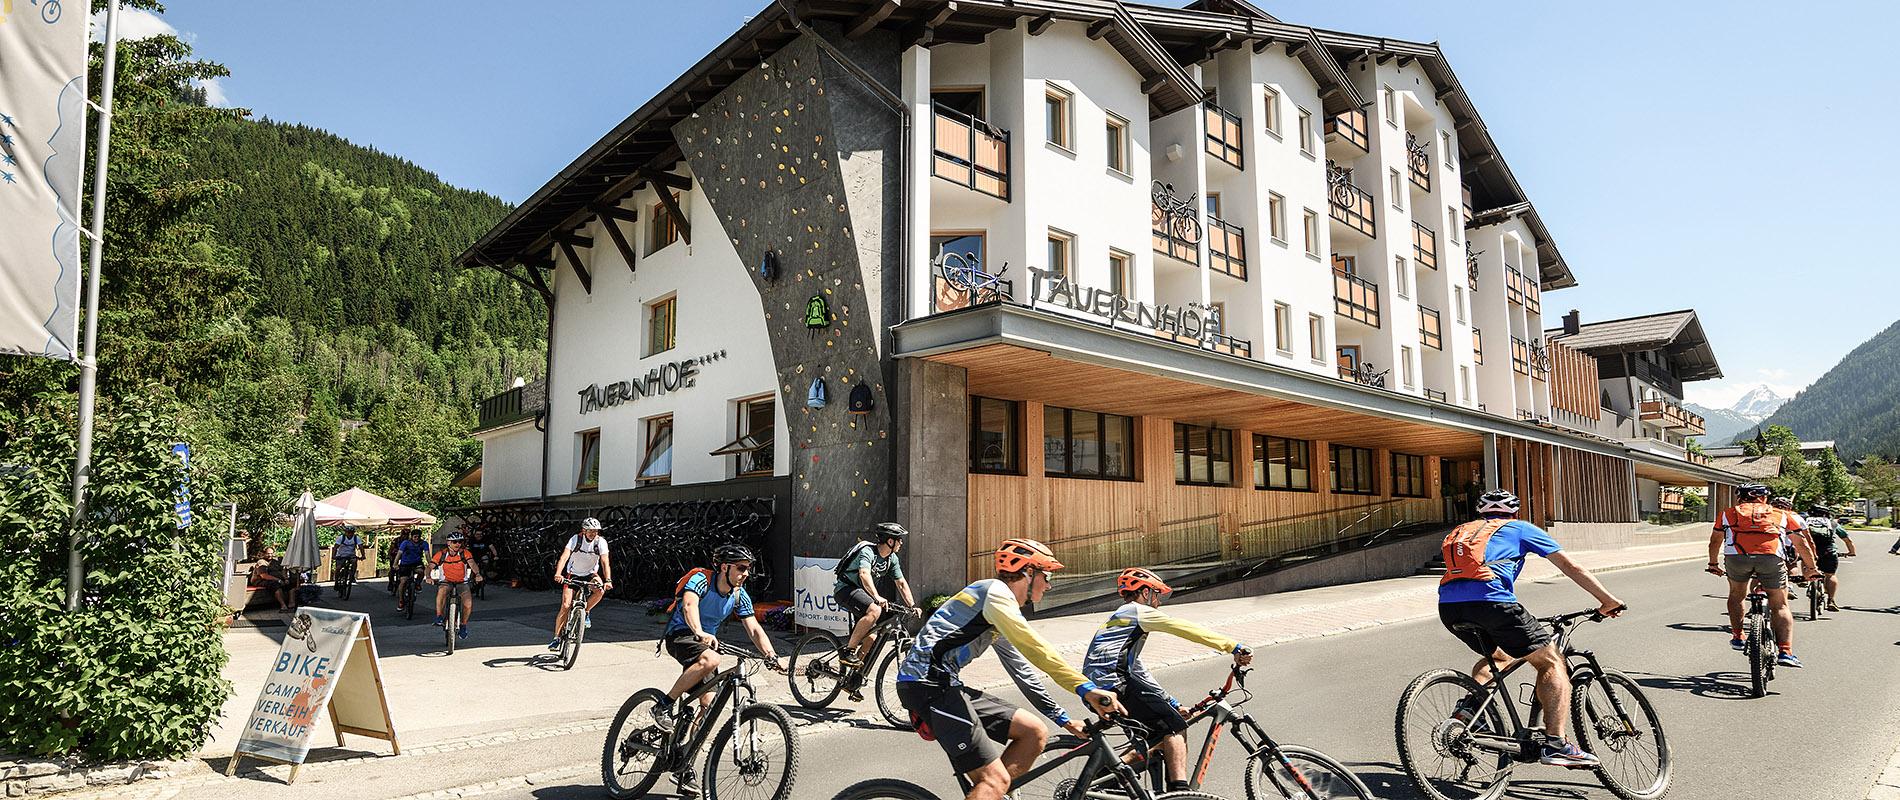 Hotelauswahl Flachau Hotels Österreich Tauernhof Harmls Aparthotel Bikehotel Familienurlaub